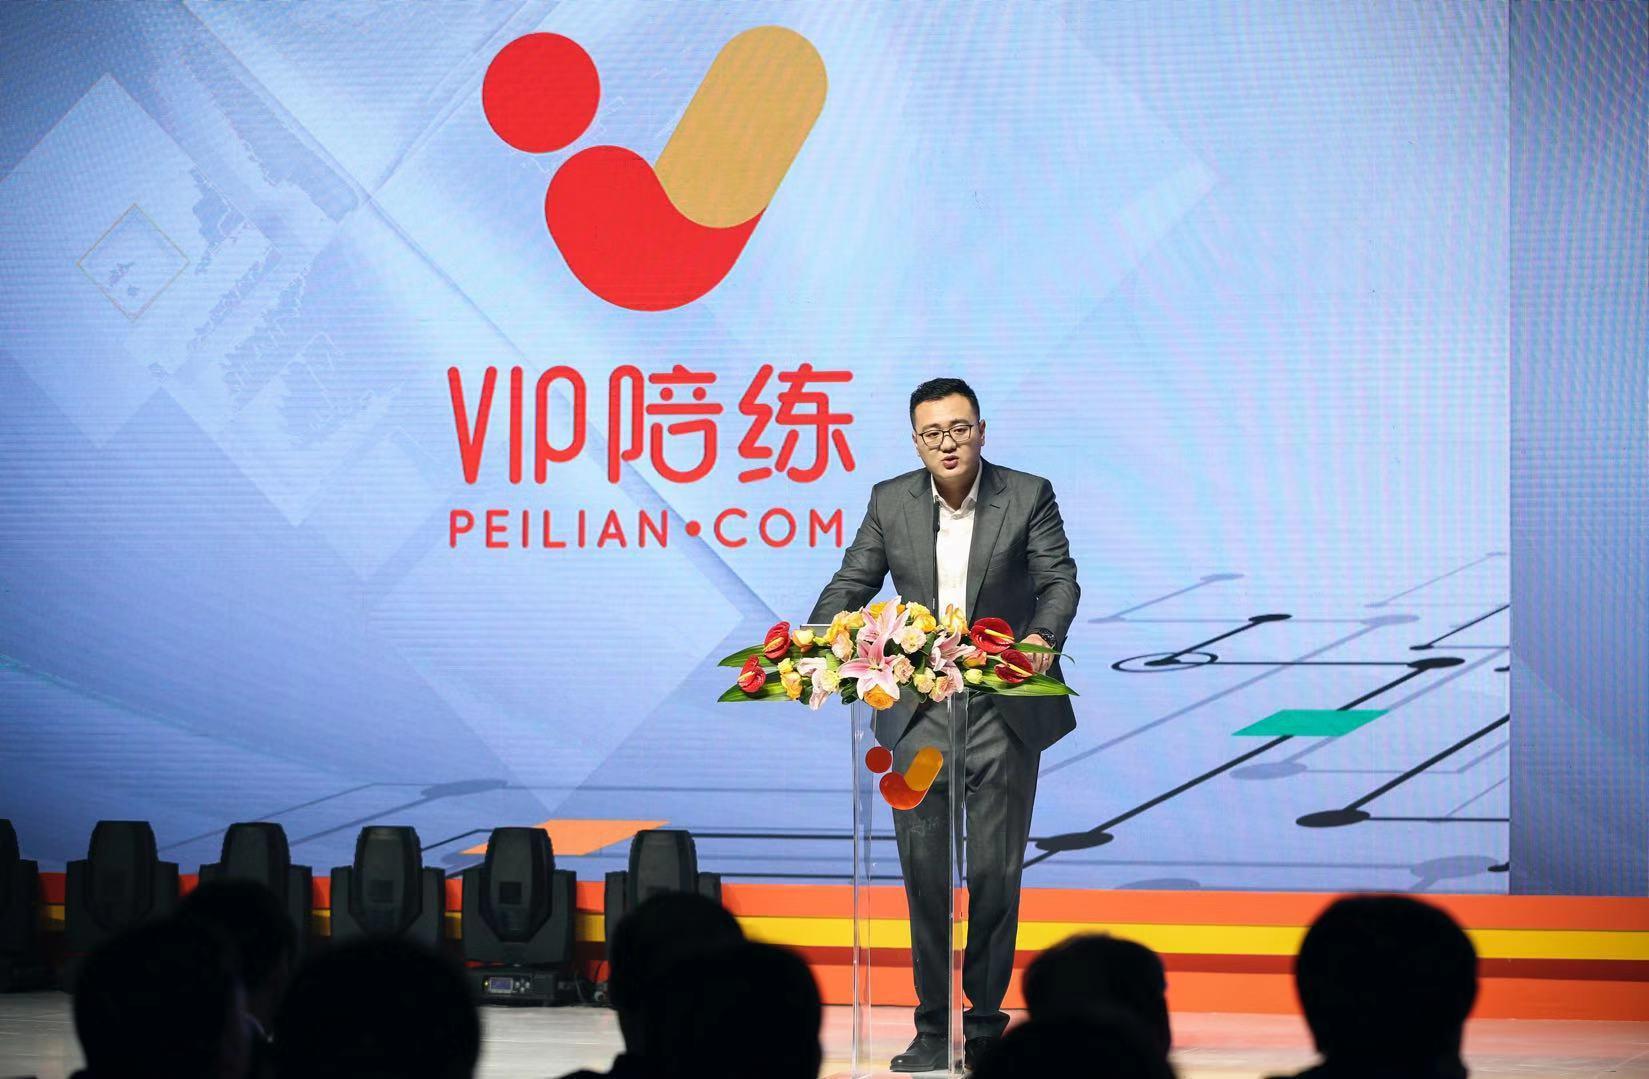 VIP陪练完成1.5亿美元C轮融资,并与百所高校合作赋能中国音乐教育